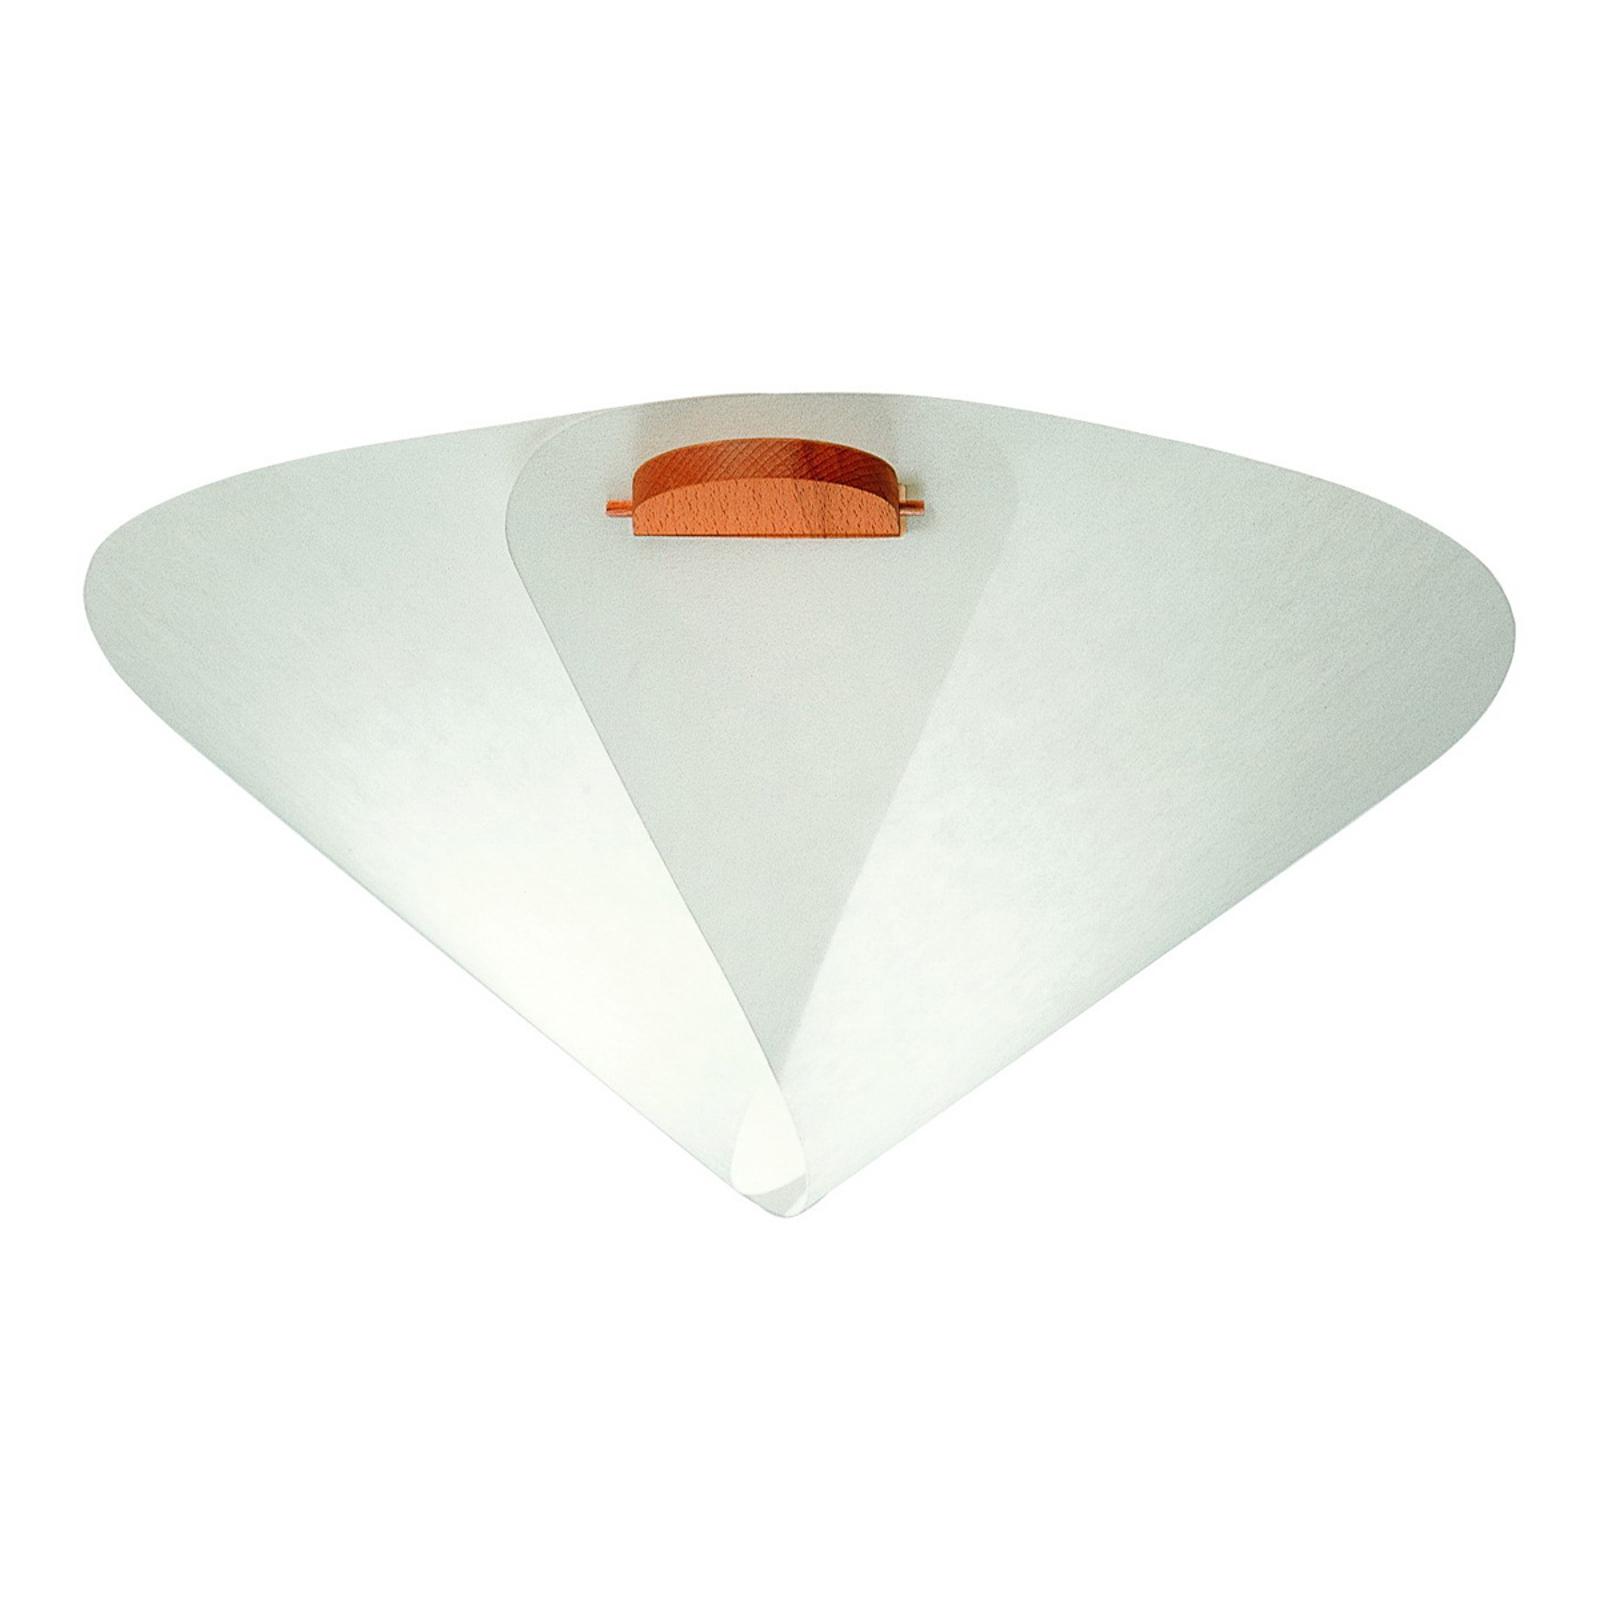 Plafoniera design IRIS a forma di cono